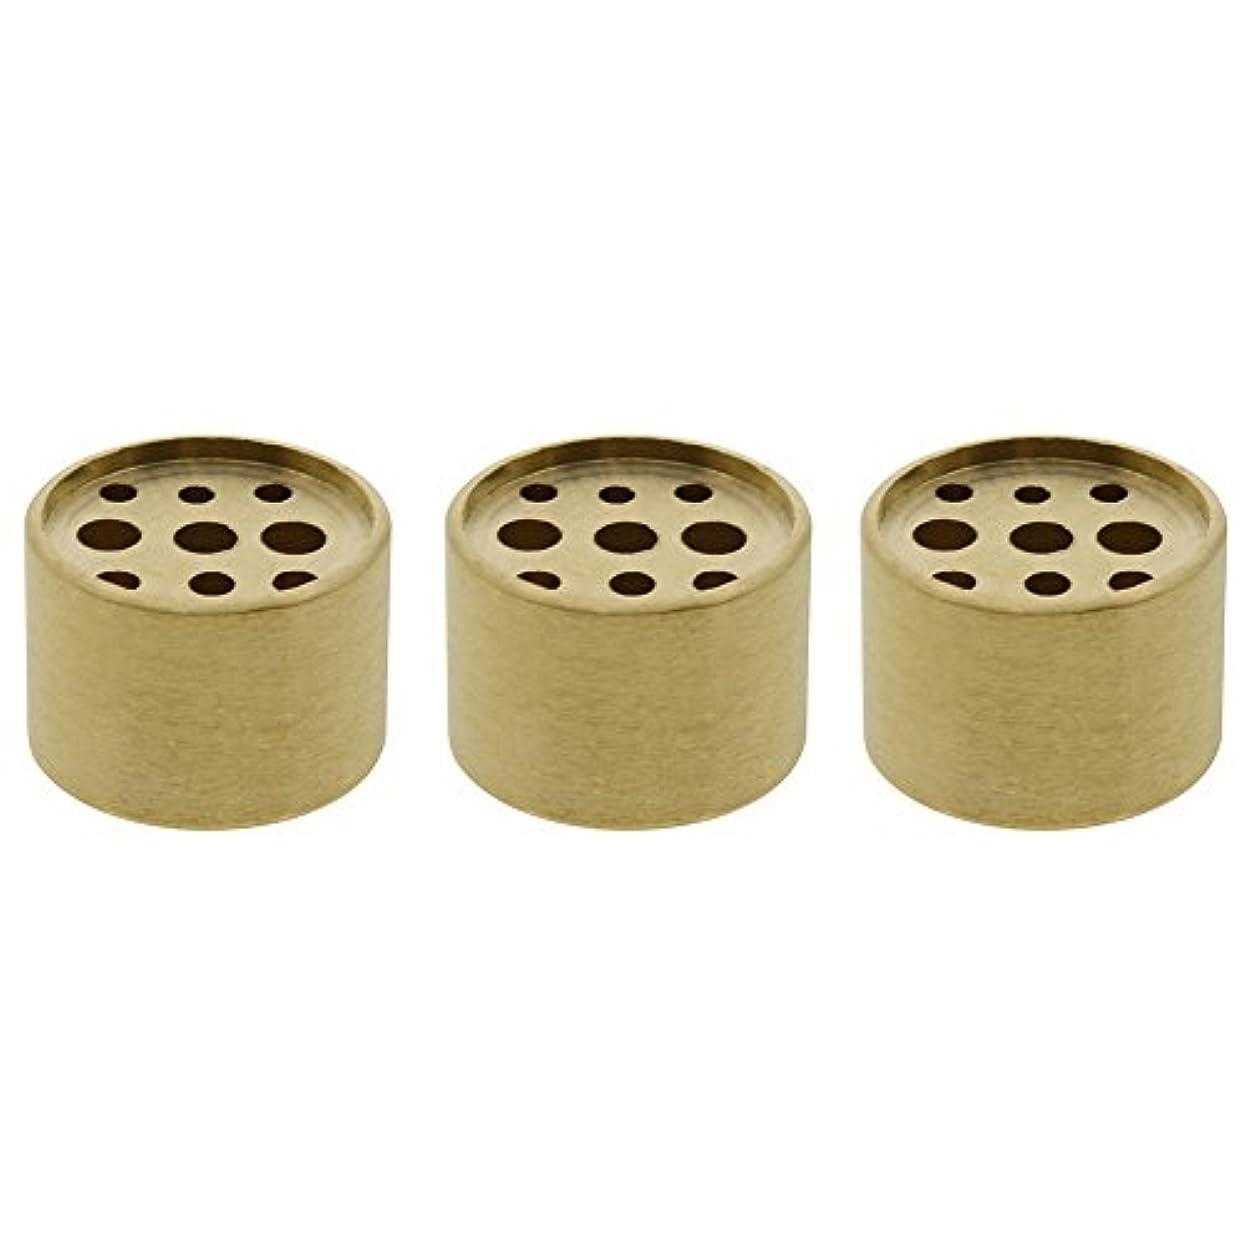 荷物ホステル実行可能Saim 3個Fine銅円柱形状Incenseホルダー9穴真鍮LotusスティックBurner for Incense